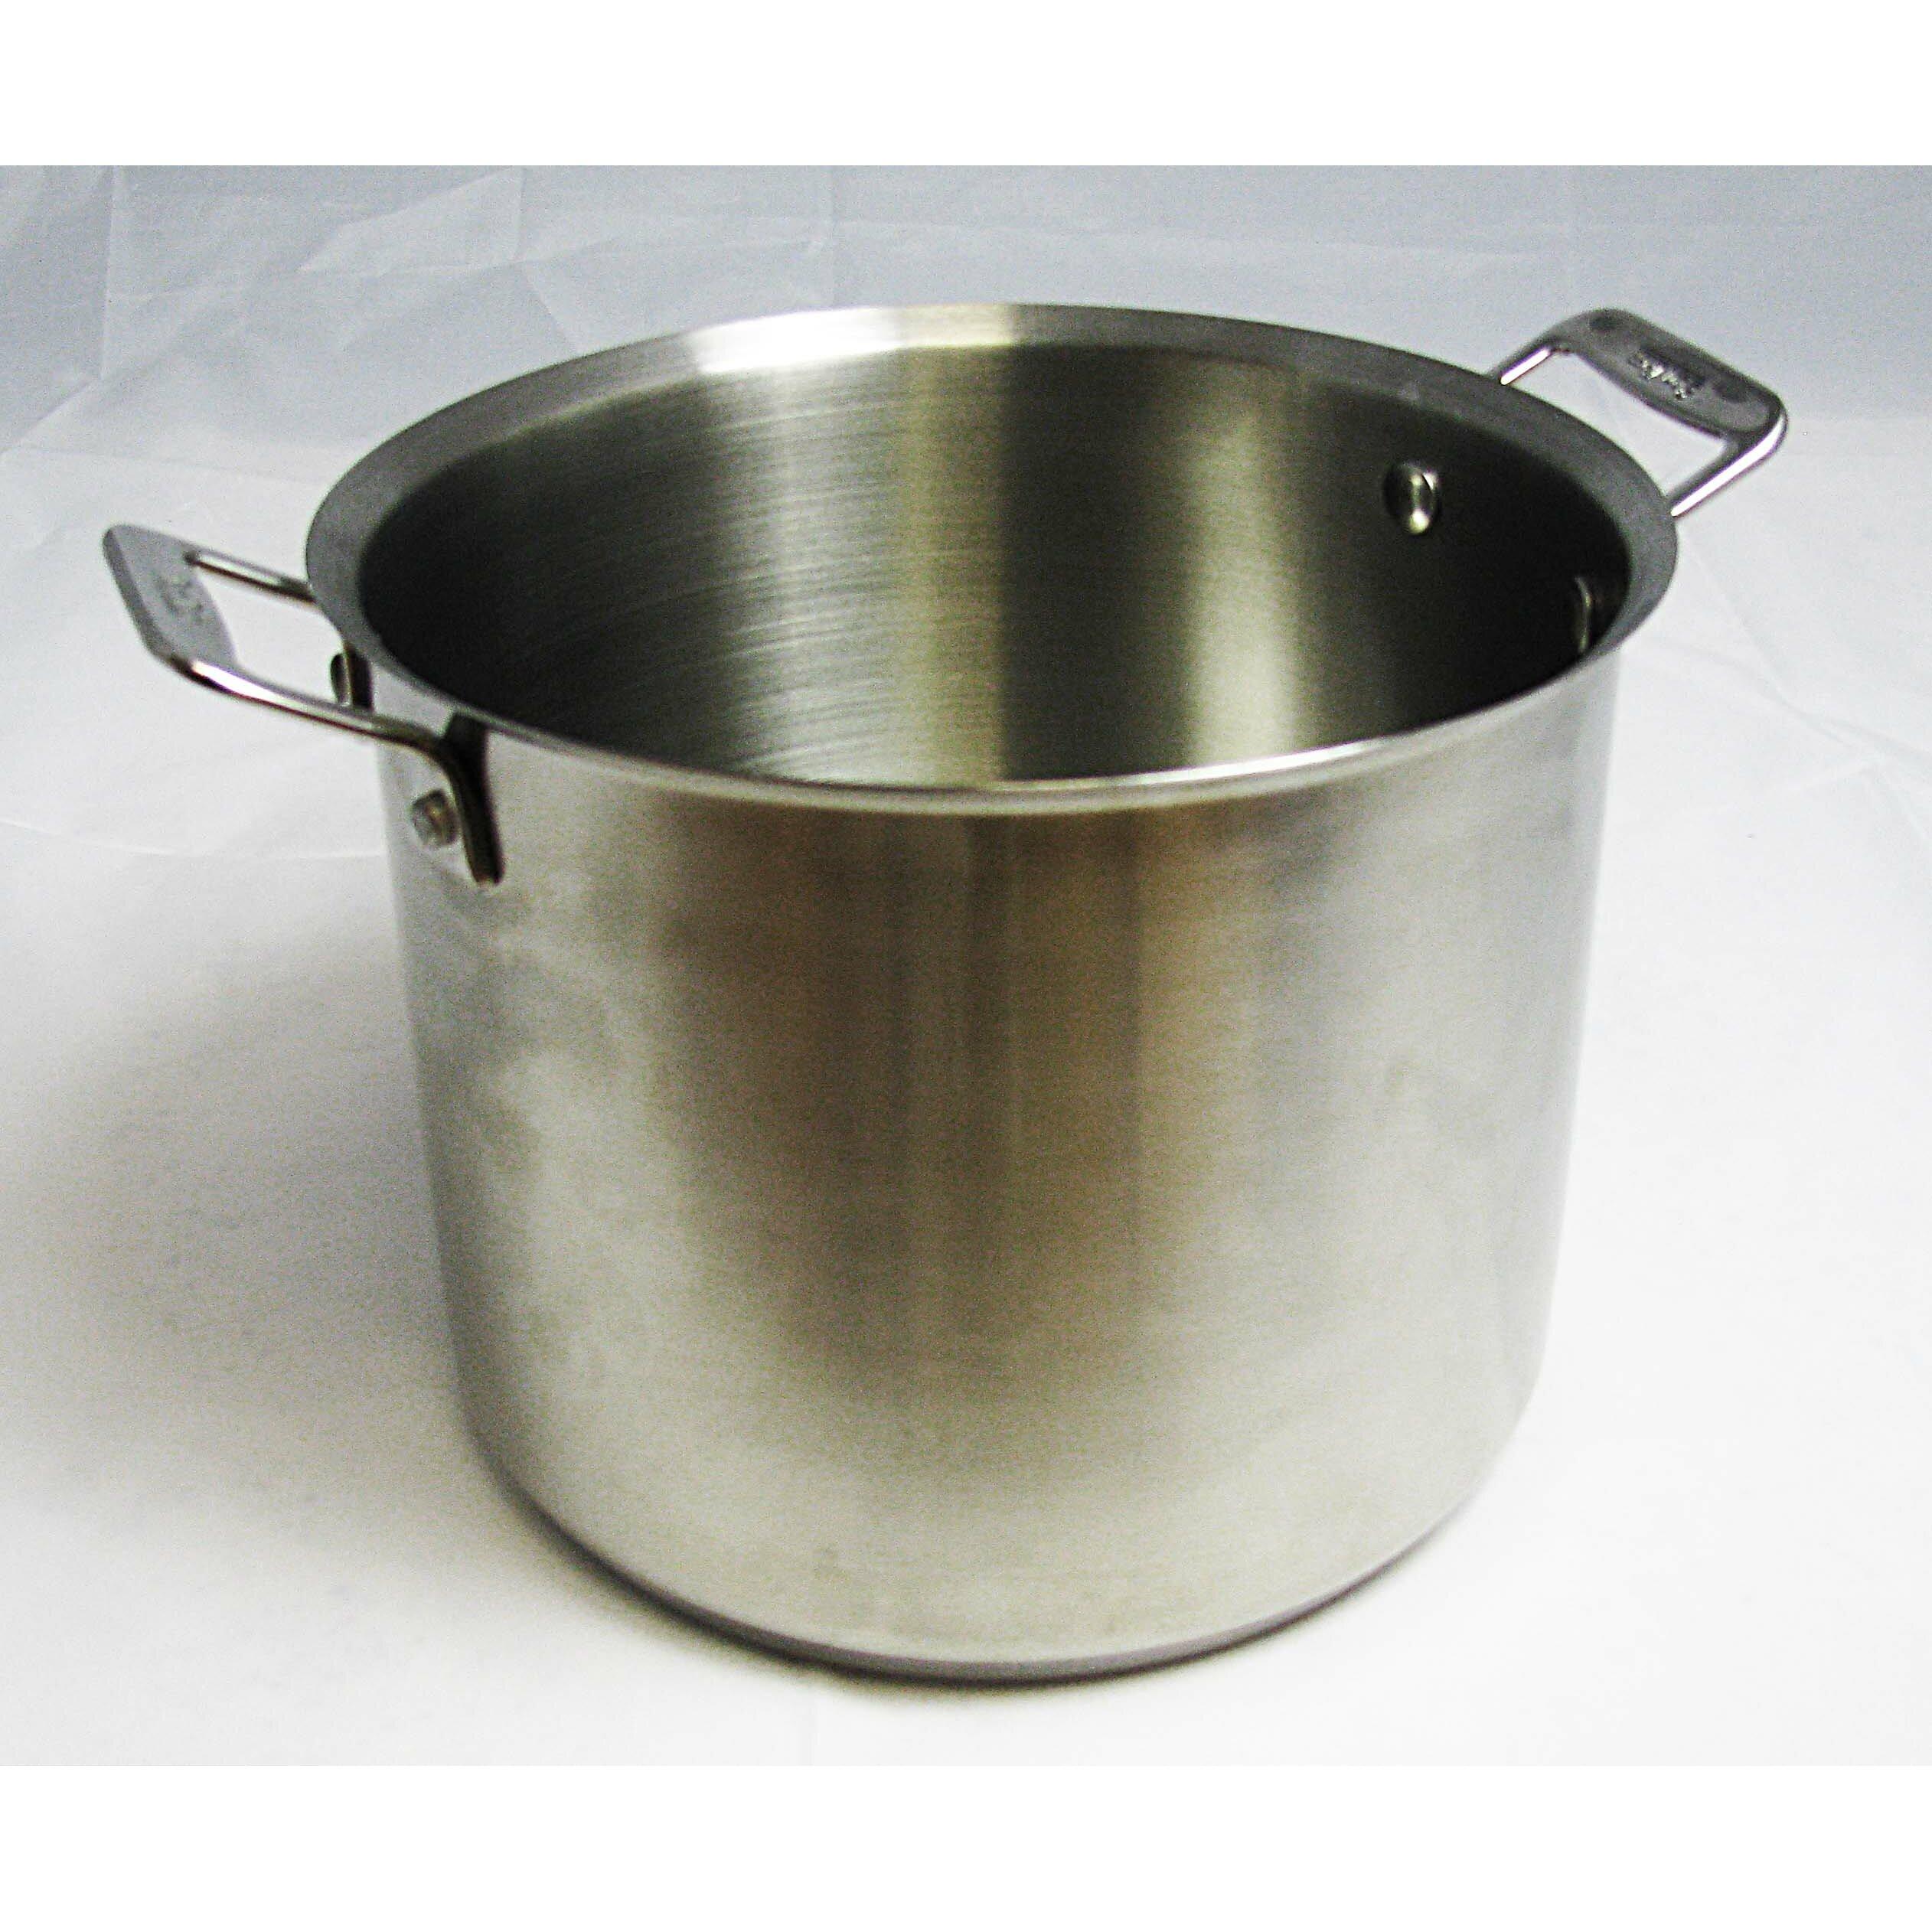 bon chef cucina 7 qt stock pot with lid